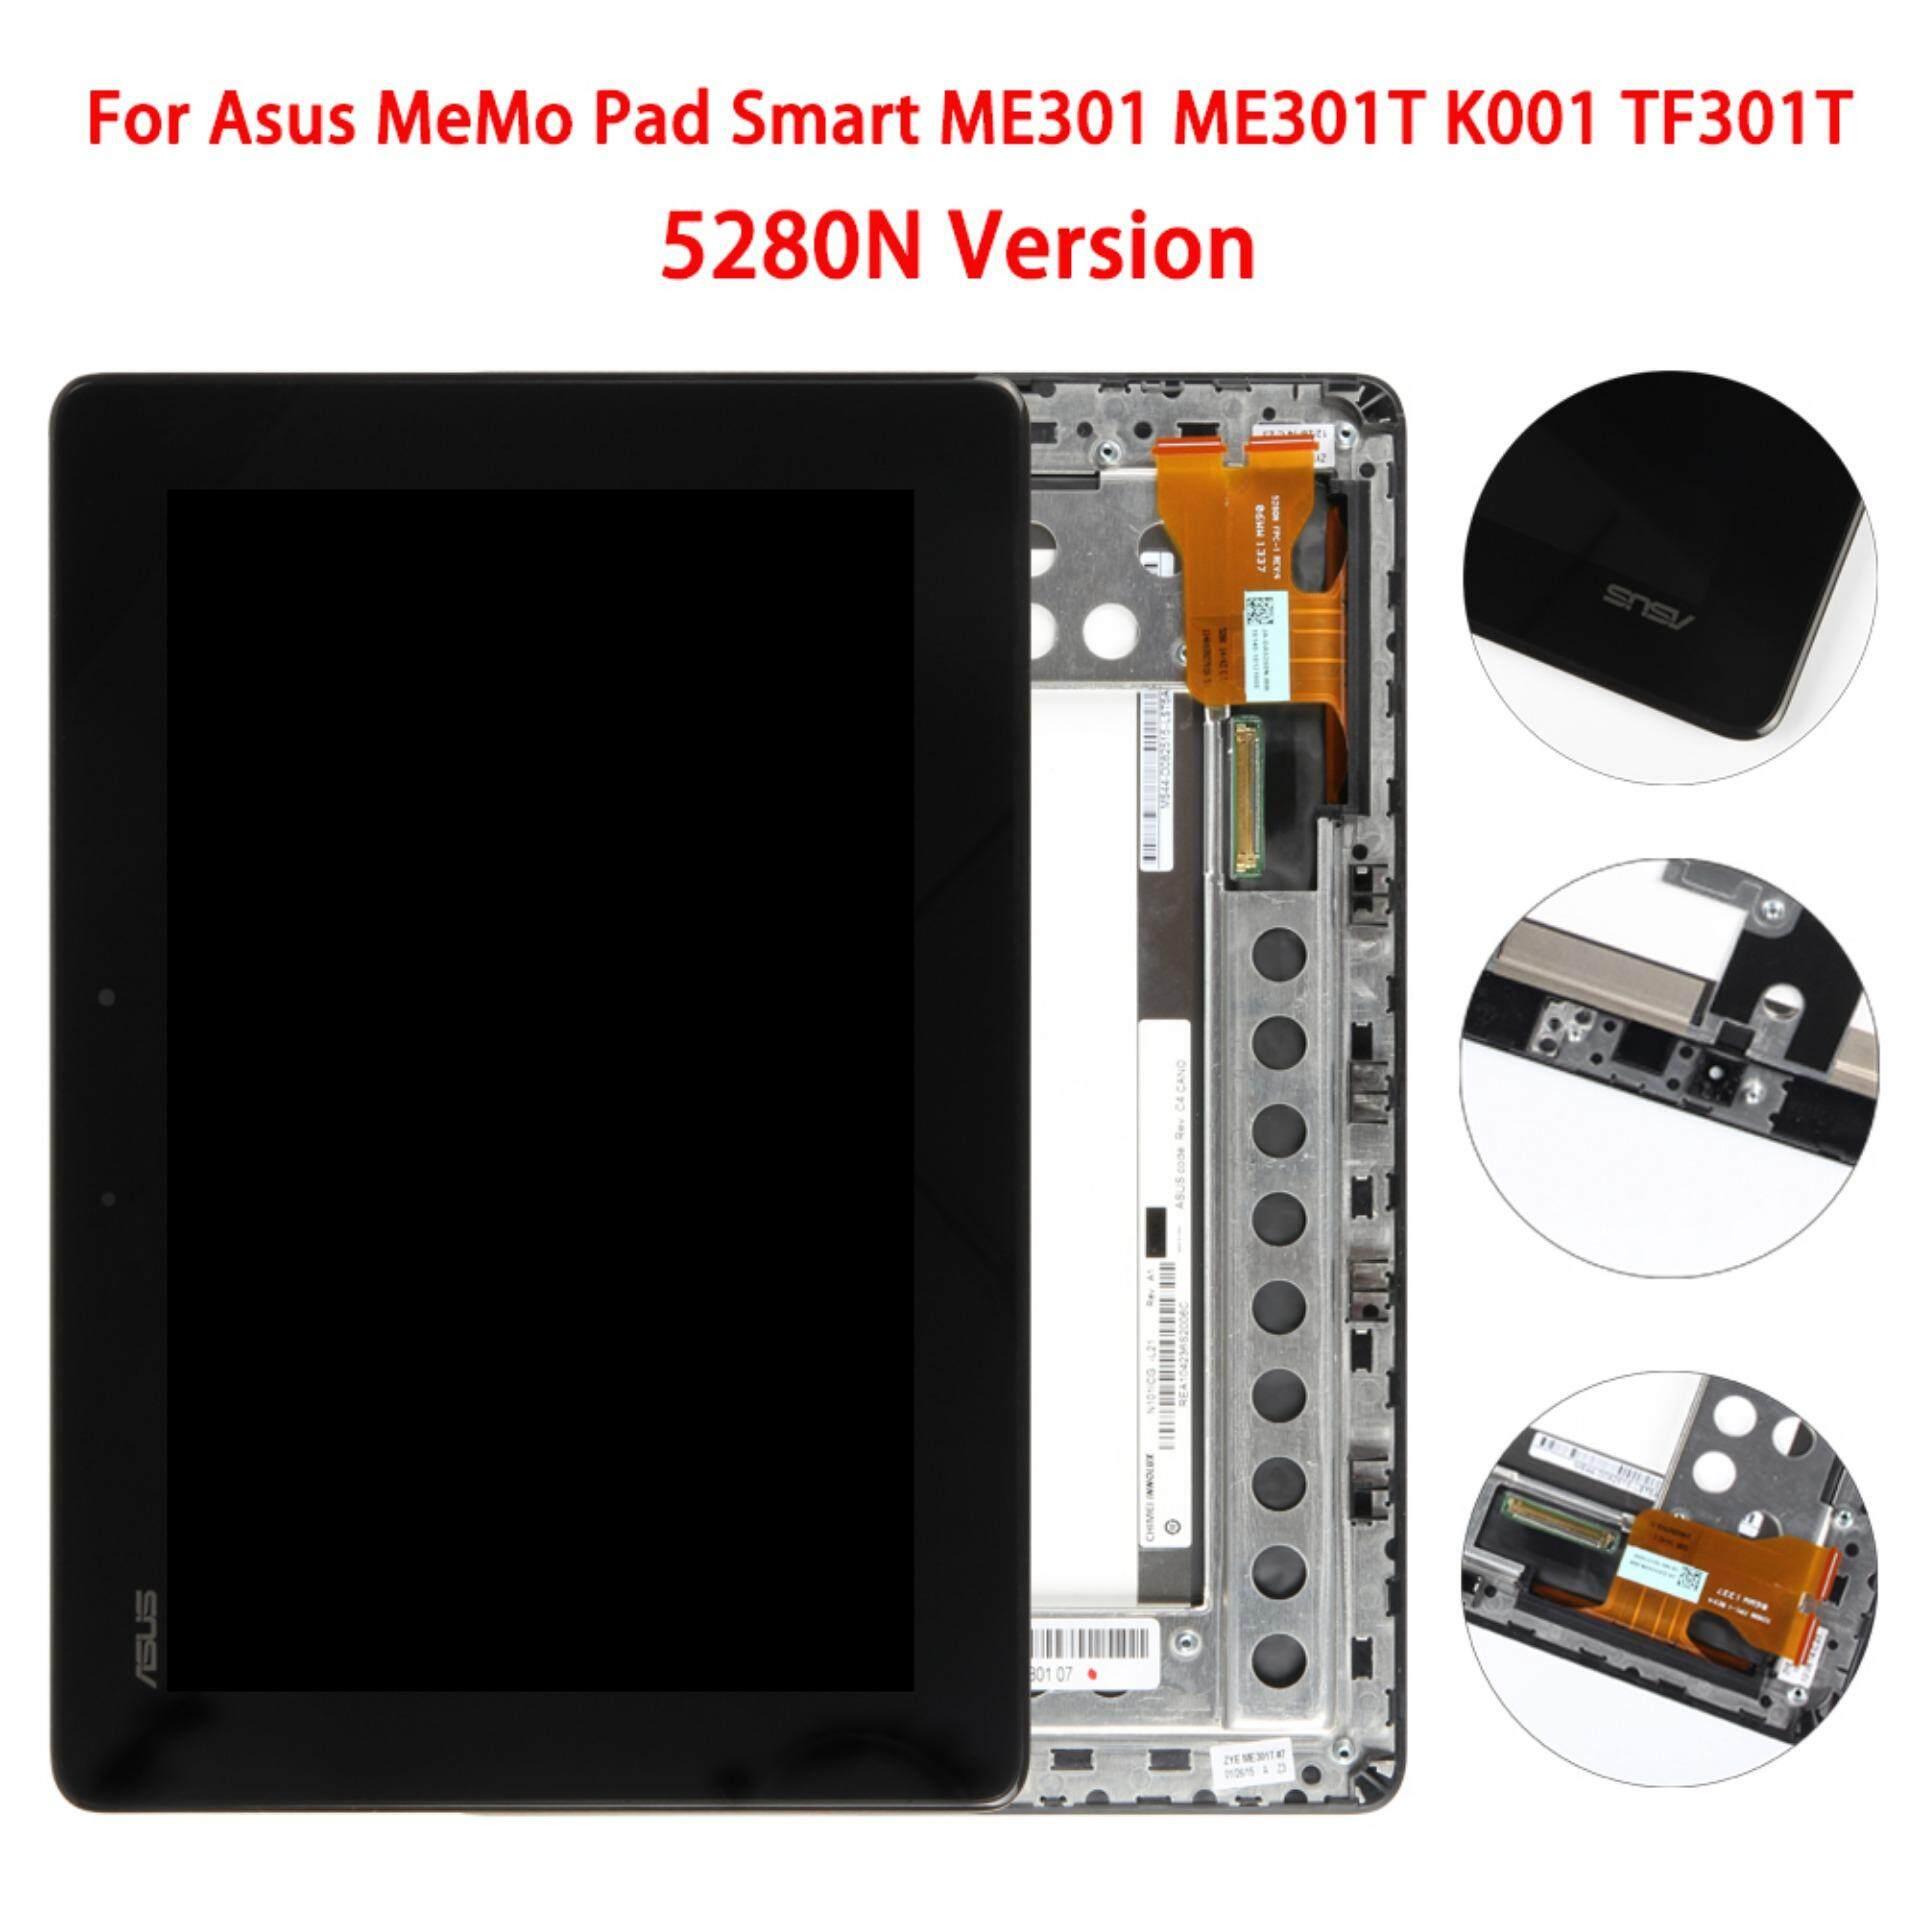 Untuk Asus Memo Alas Pintar ME301 ME301T K001 TF301T Layar LCD Sentuh Digitizer dengan Bingkai, 5280N Versi-Internasional